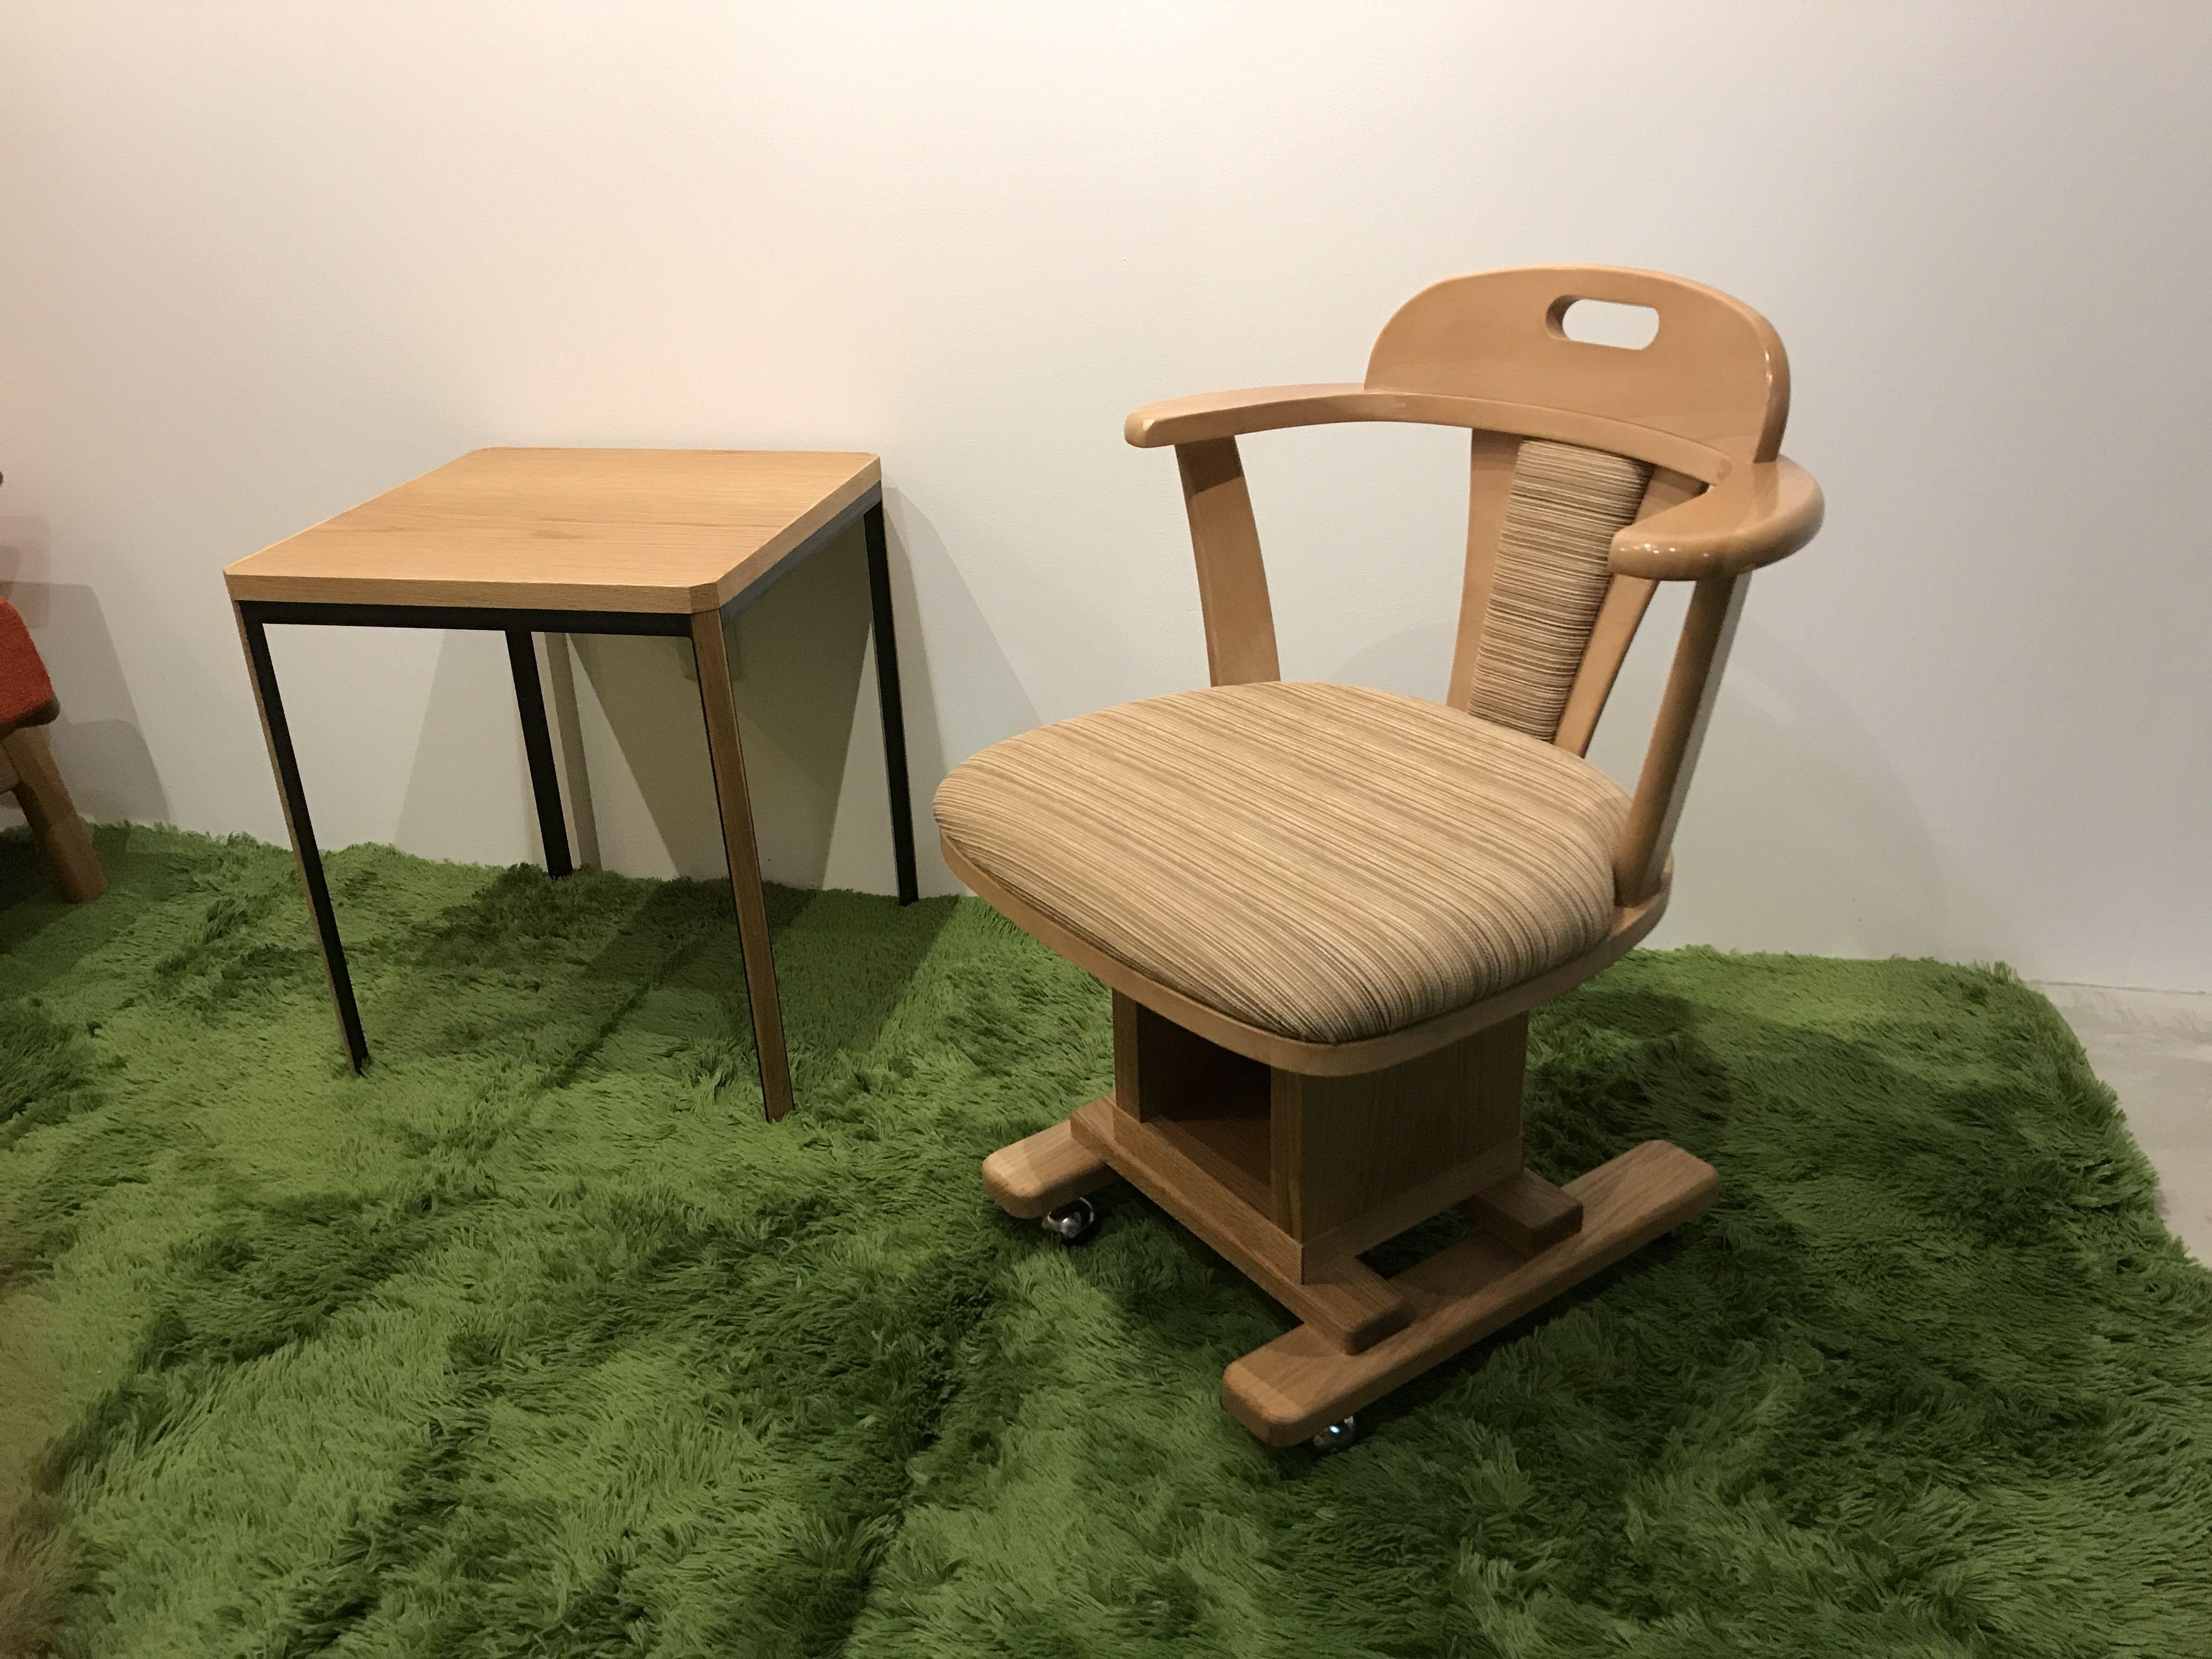 脚の作り直しと座面の張替えリメイクで生まれ変わった椅子